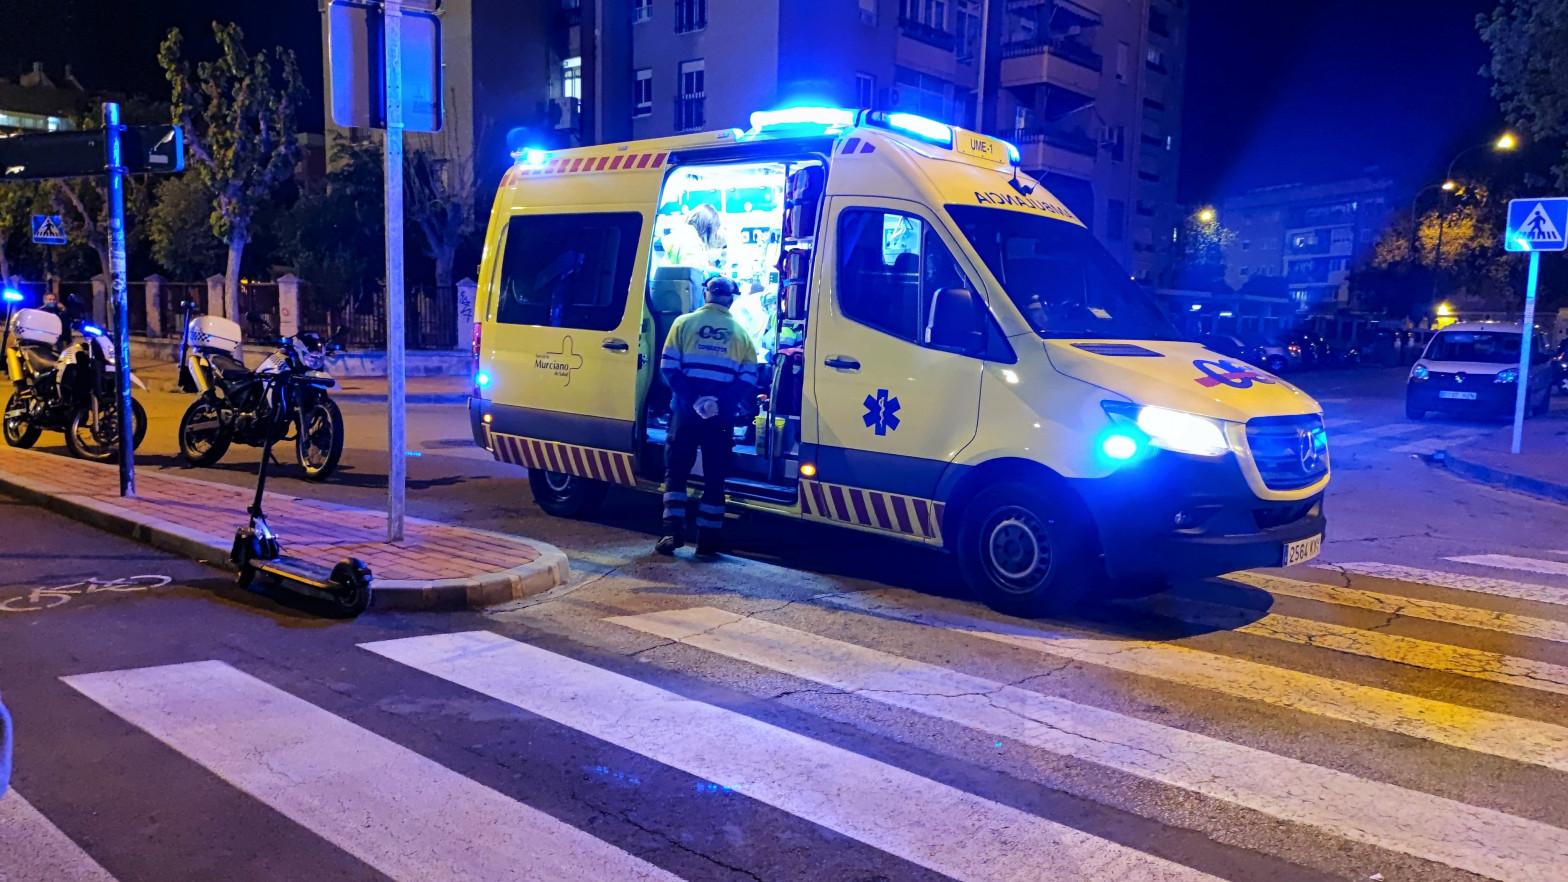 Muere un niño de de 1 año tras ser atropellado por un camión Murcia